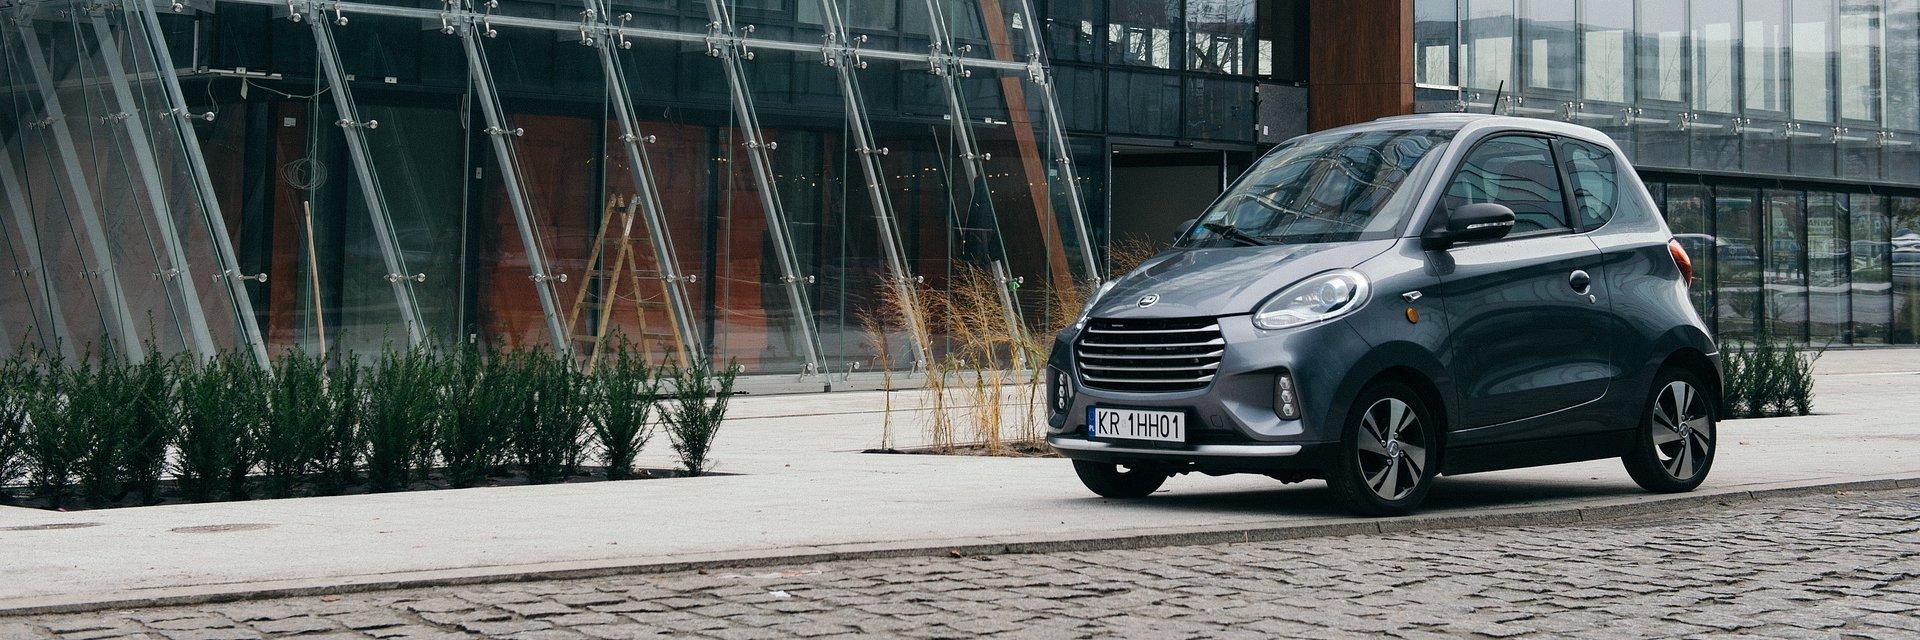 Bezcenny samochód na erę elektromobilności już w sprzedaży